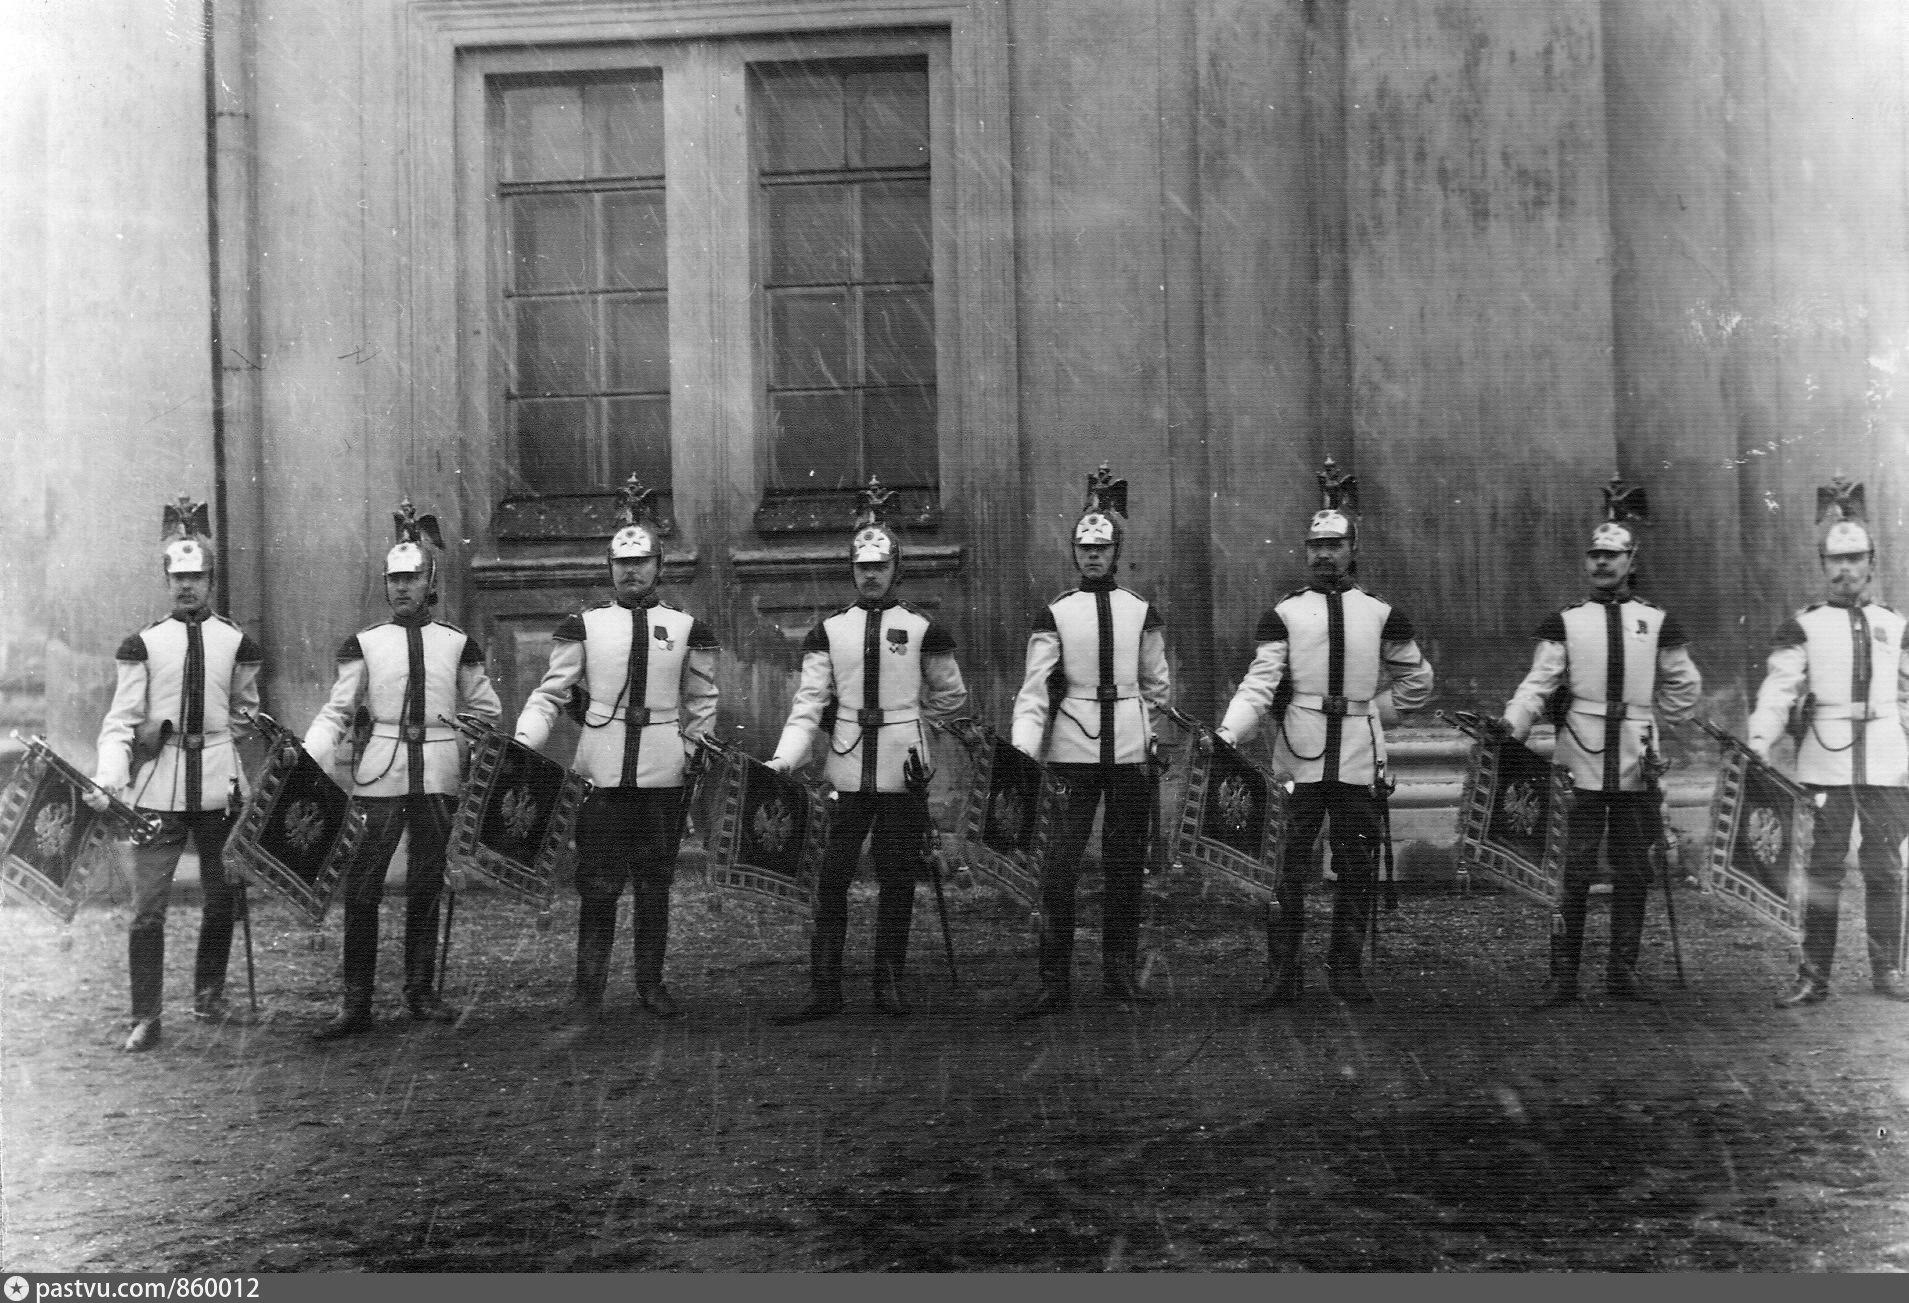 произвести работы полковые фотографии конной гвардии в с петербурге оригинальном стиле минимализм